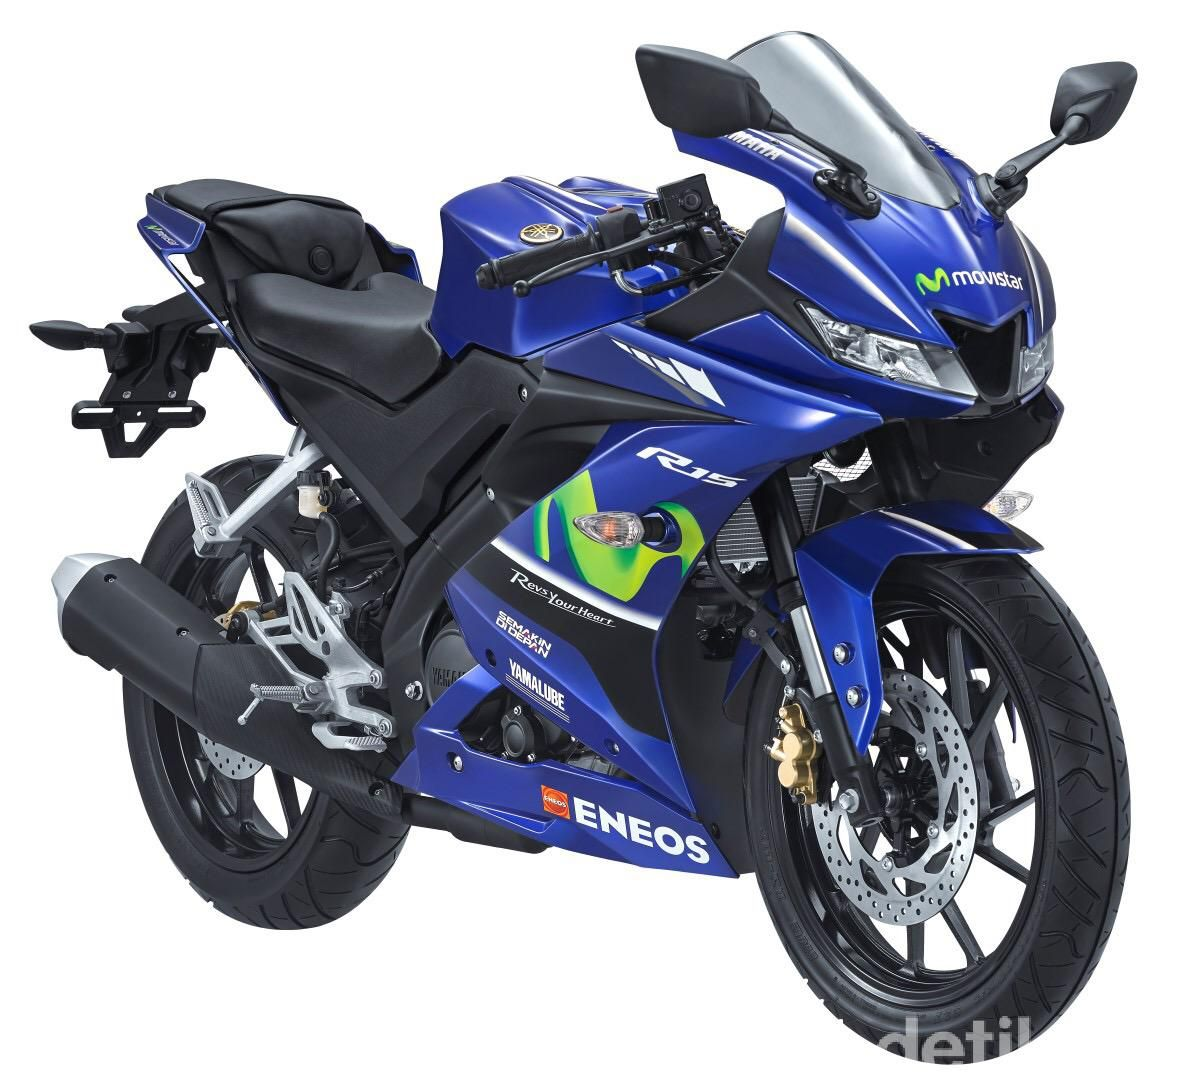 Yamaha kembali memberi kejutan kepada konsumennya. Bertempat di arena Jakarta Fair Kemayoran, Yamaha merilis 5 motor versi Movistar Yamaha, Sabtu (8/7). Lima motor tersebut antara lain R25, All New R15 VVA 155, All New V-ixion, AEROX 155 VVA dan MX King.